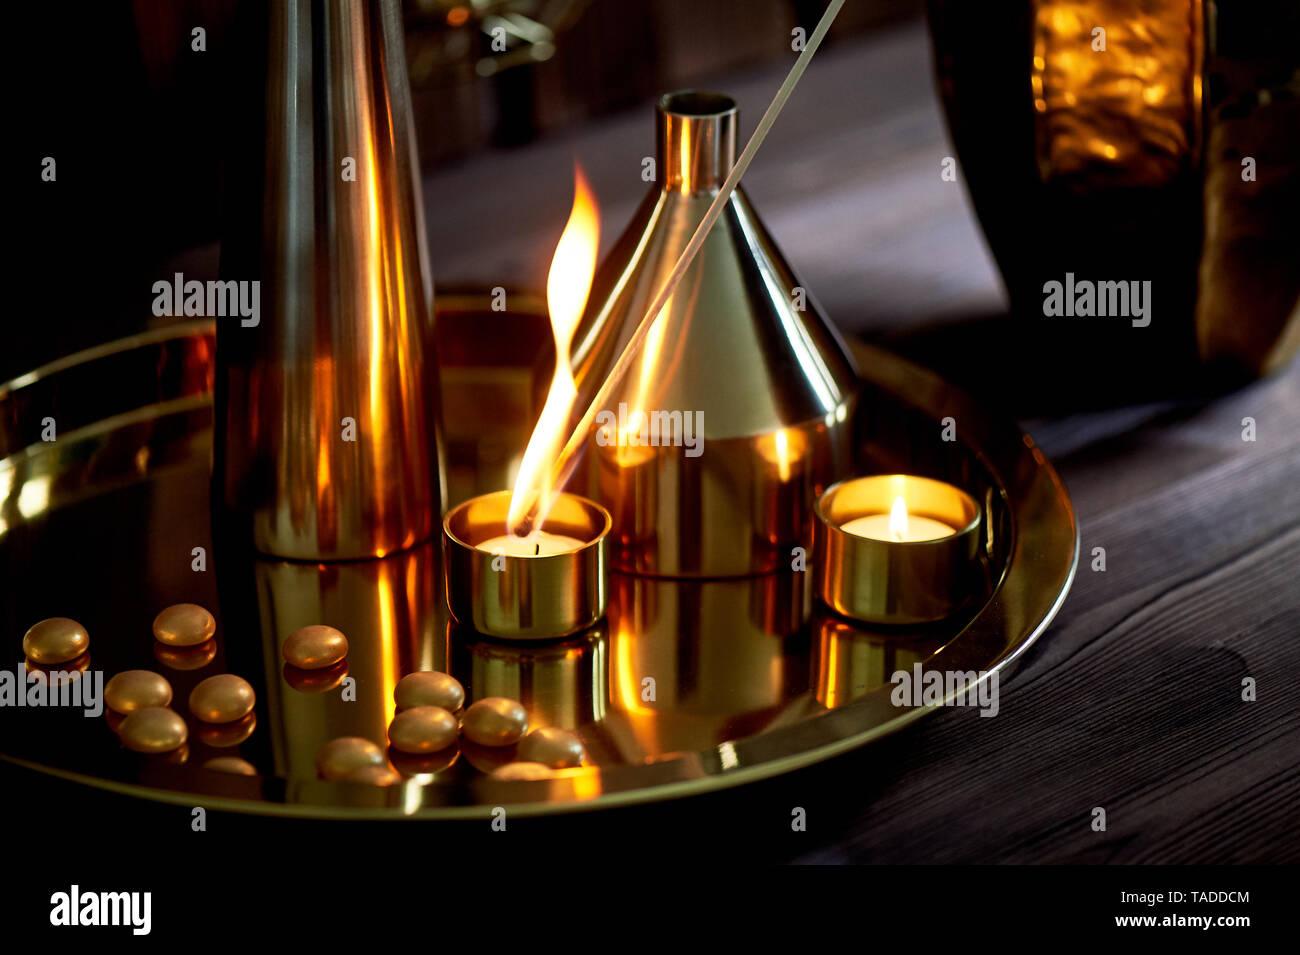 Hand leuchtet eine Kerze mit einer langen Match mit einer hellen Flamme. Die warmen goldenen Gamma. Abend Komfort. Viele Vasen in verschiedenen Formen von gold metall. Stockbild